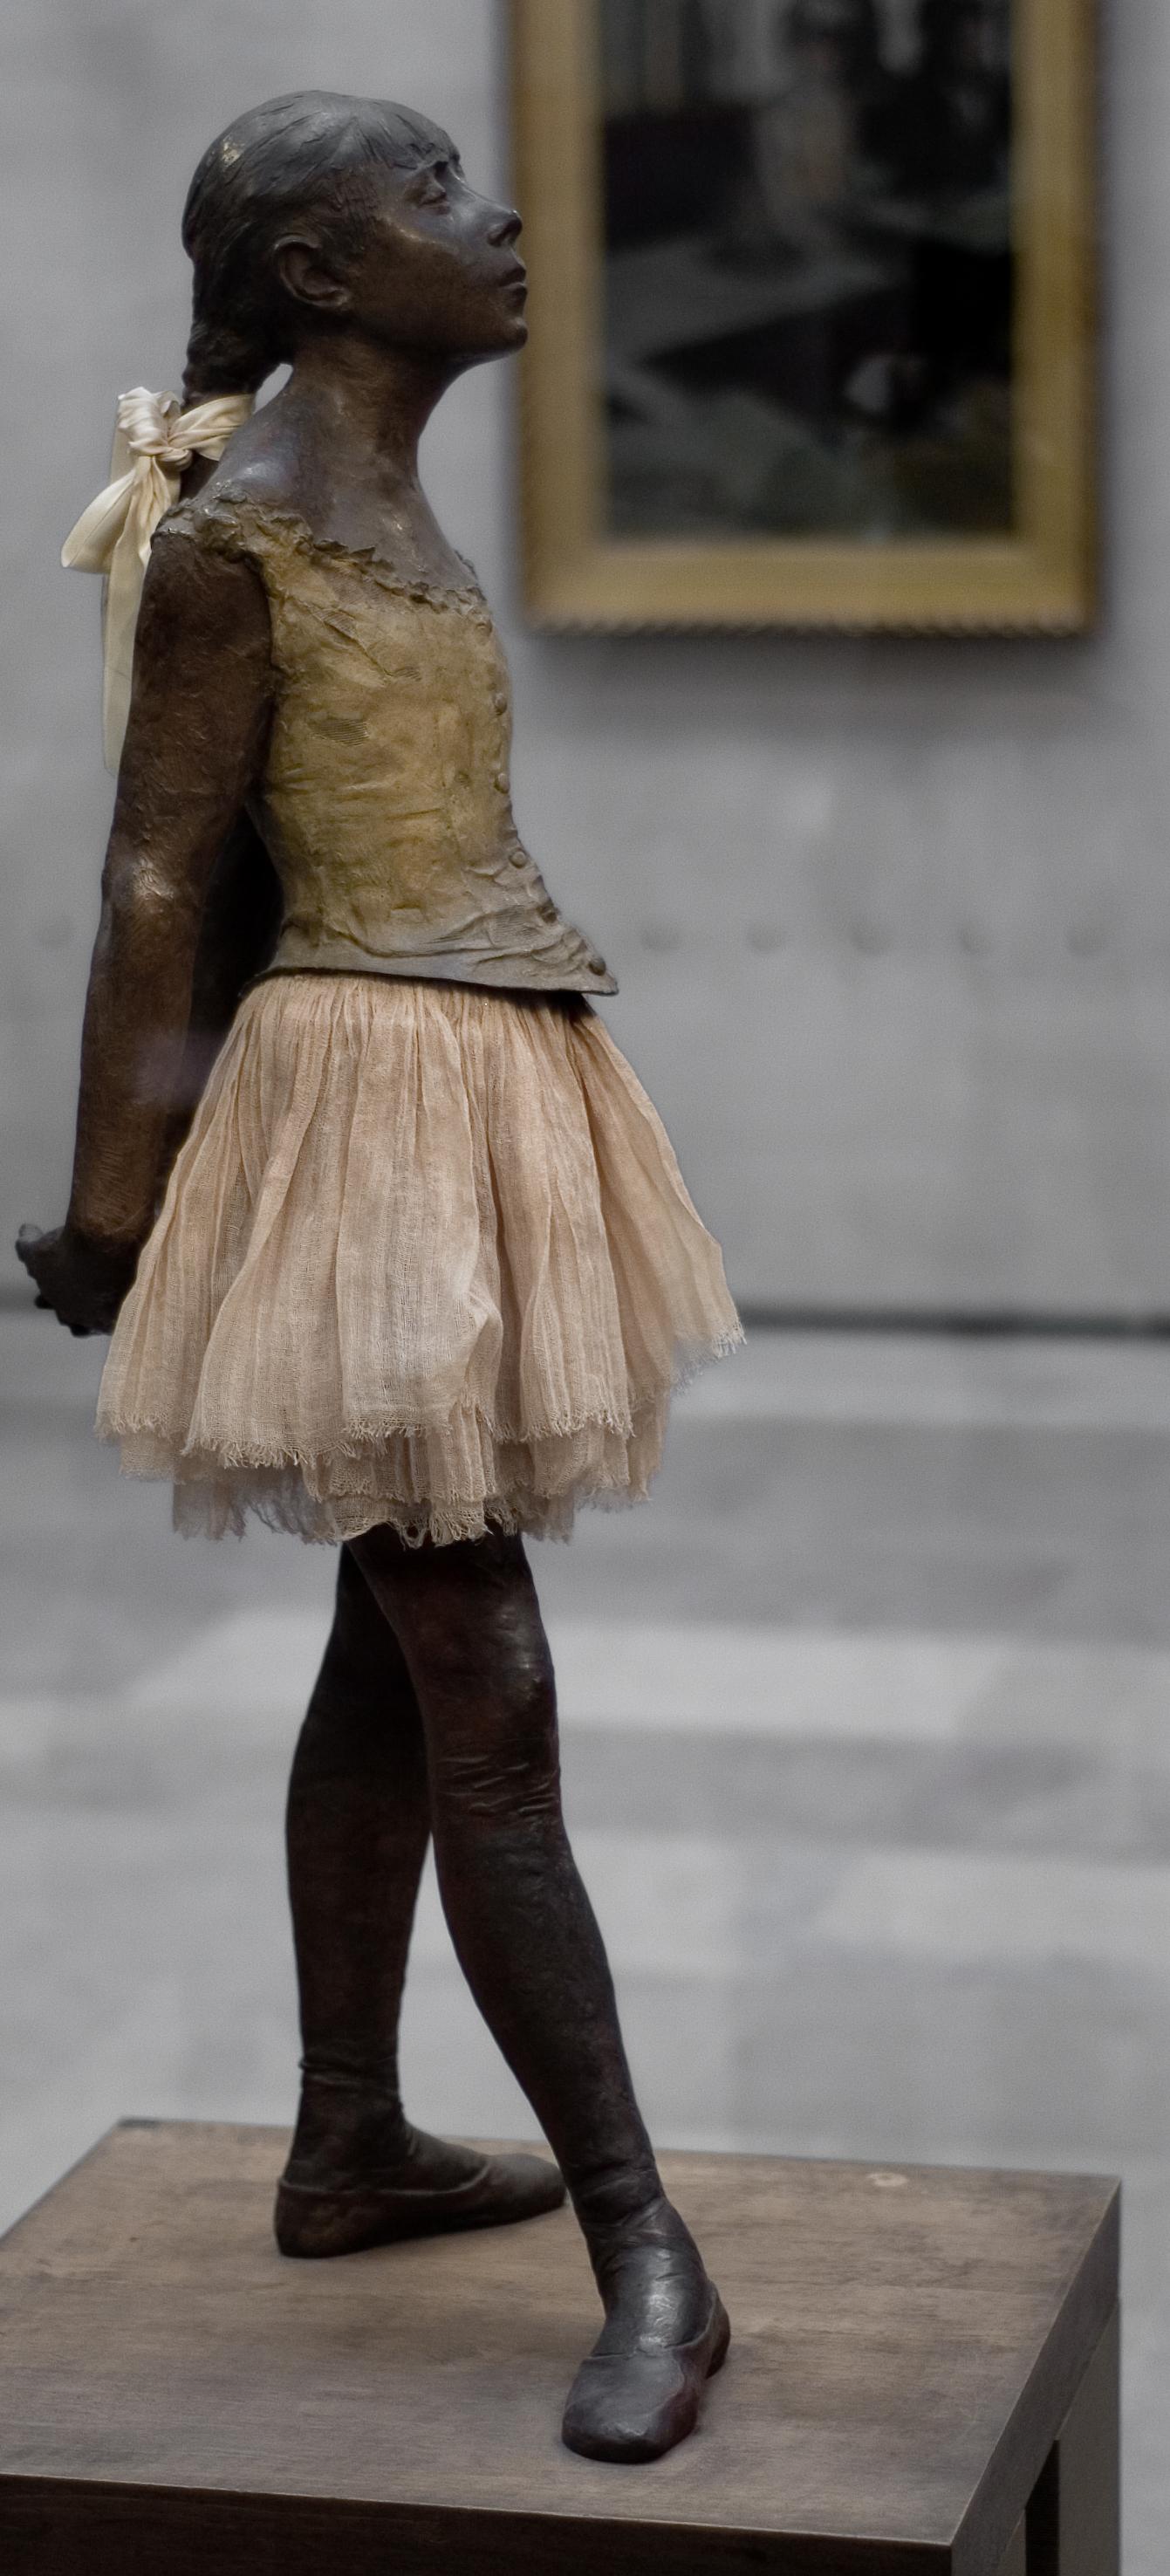 La Petite Danseuse De Degas : petite, danseuse, degas, Petite, Danseuse, Quatorze, Wikipédia